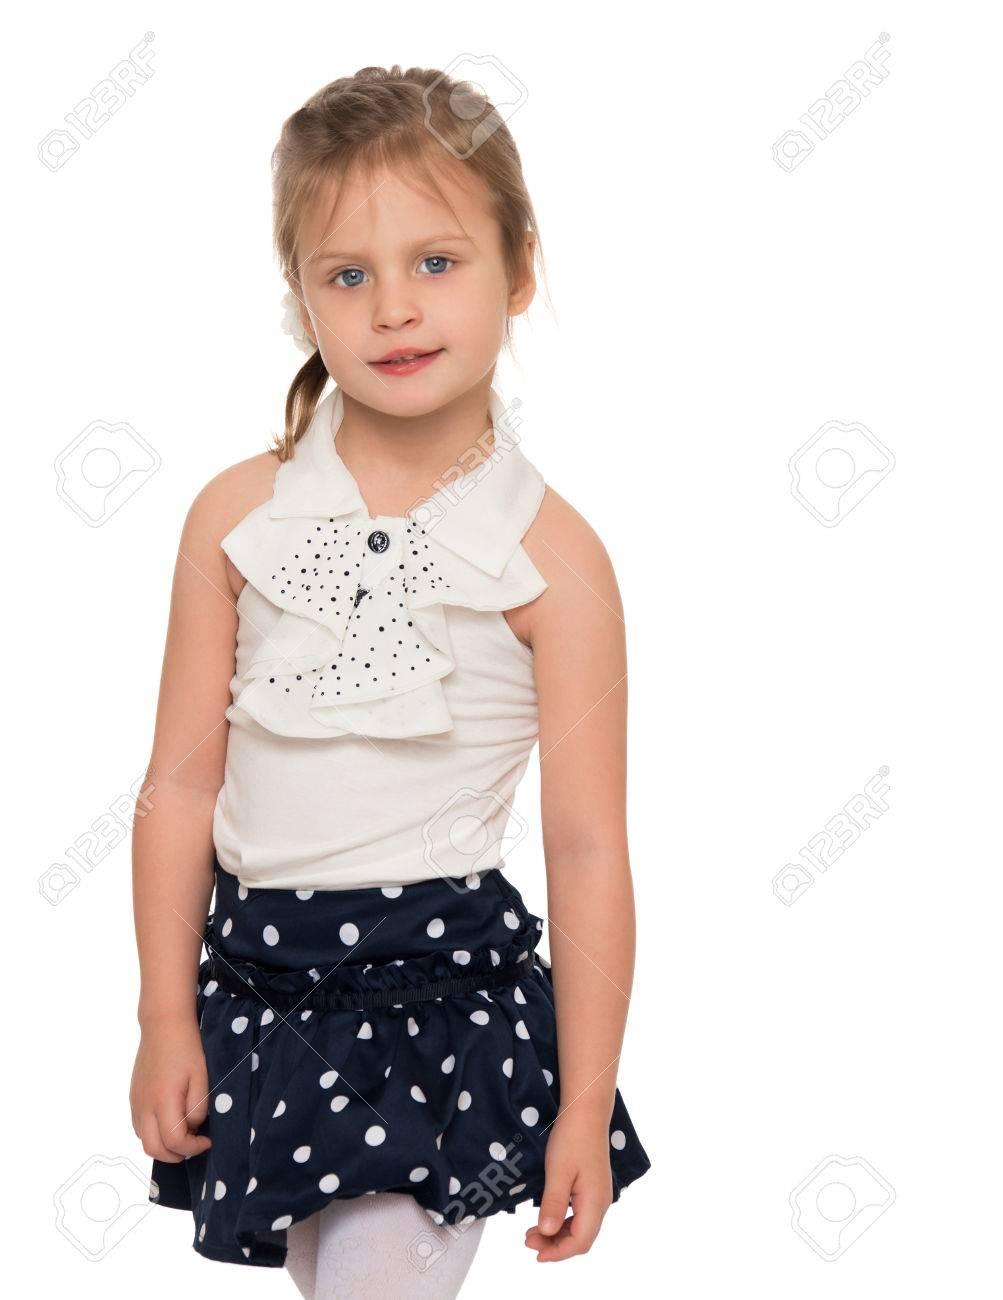 Schöne kleine Mädchen in einem schwarzen gepunkteten Rock und eine weiße  blouse.close-up af37453021